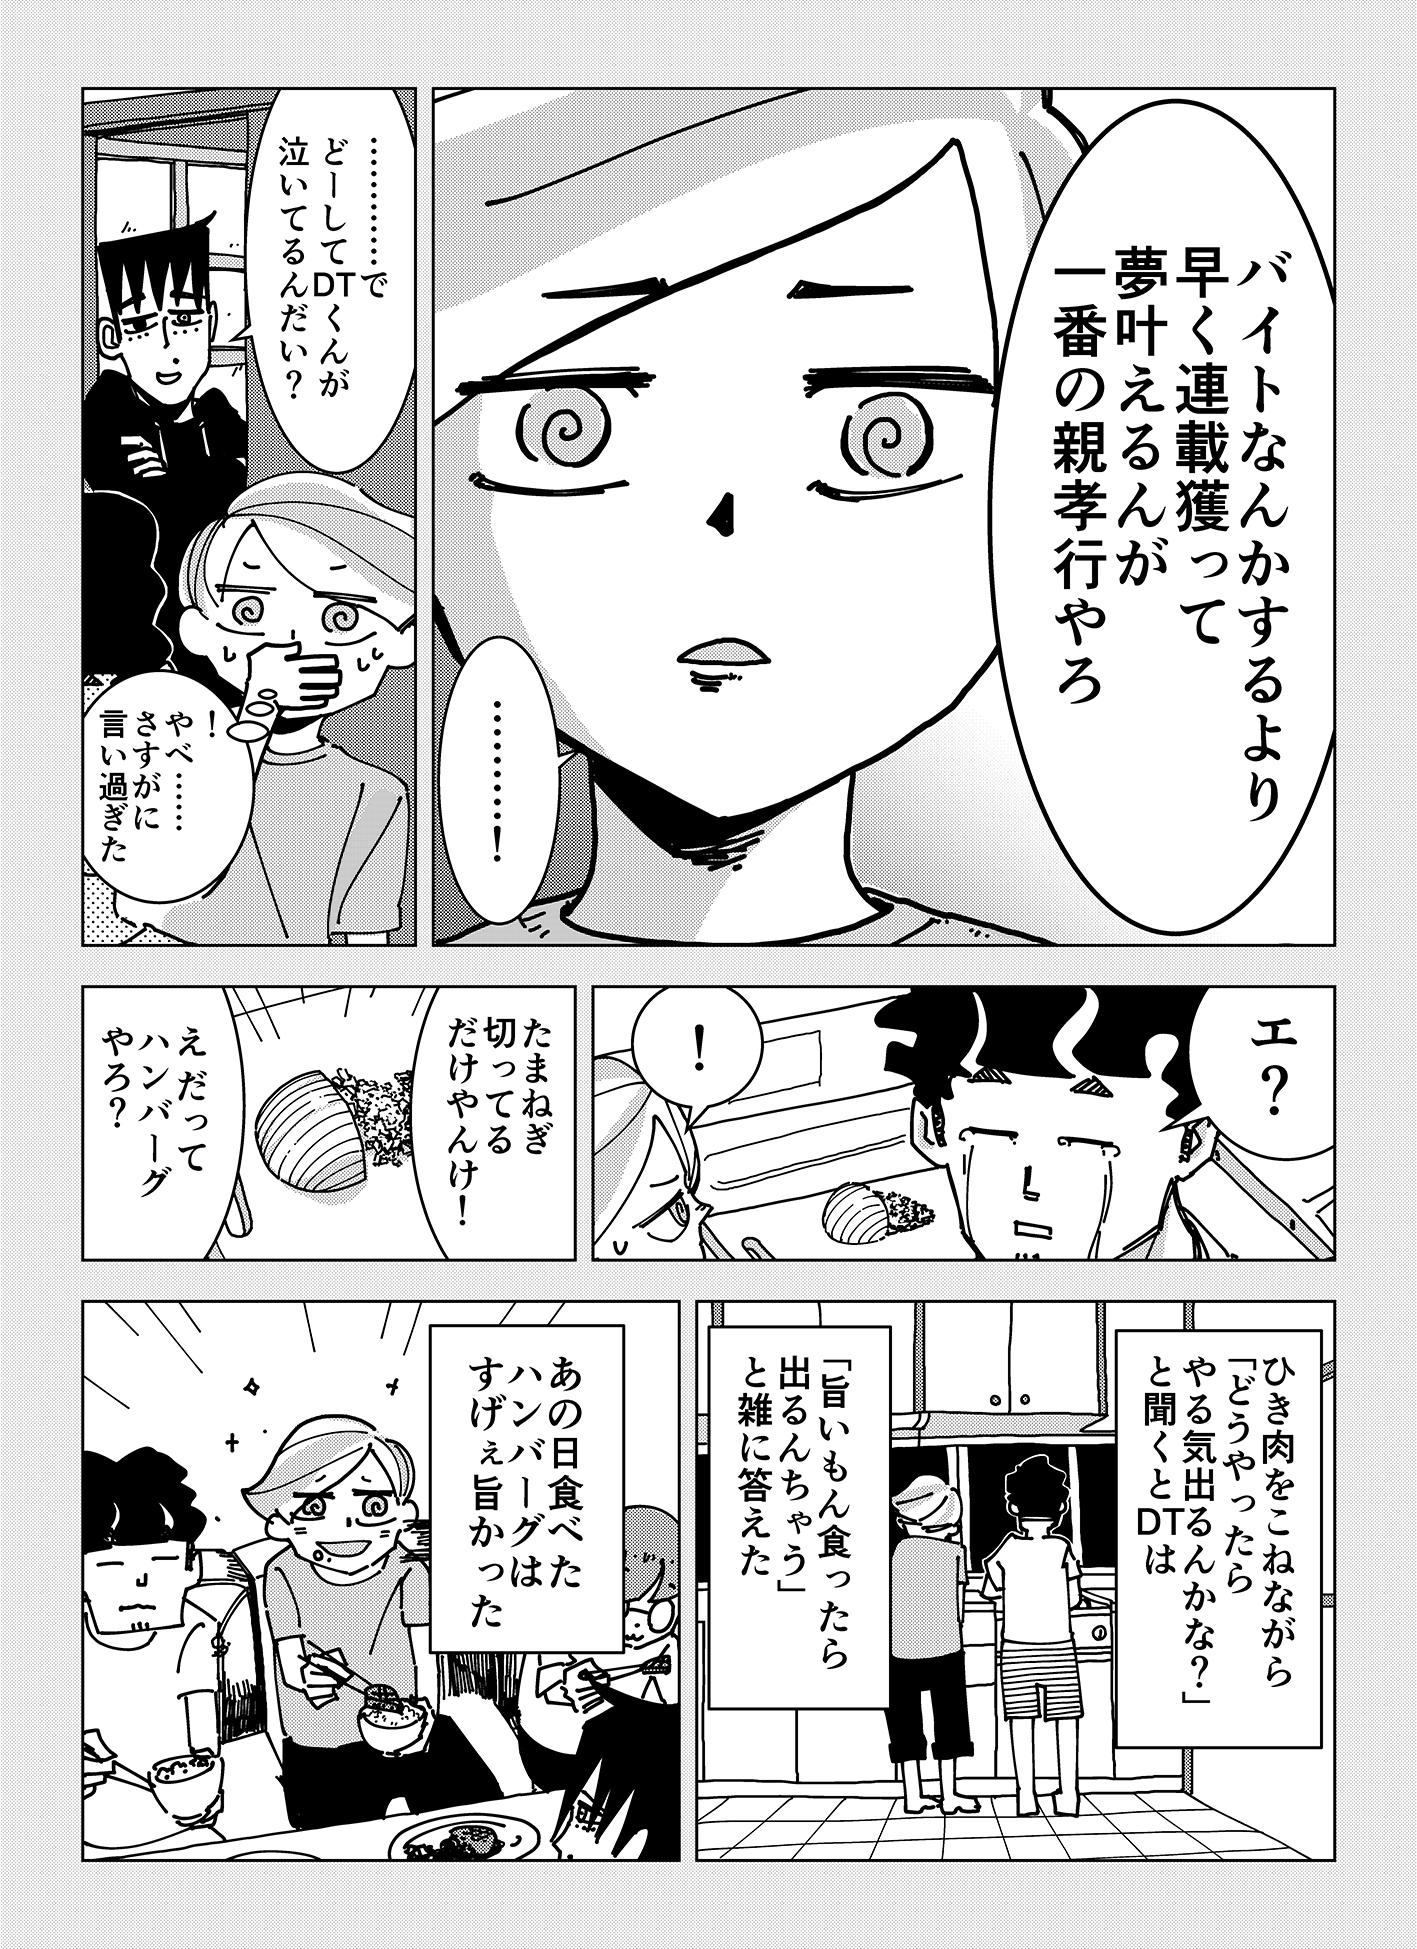 share04_010